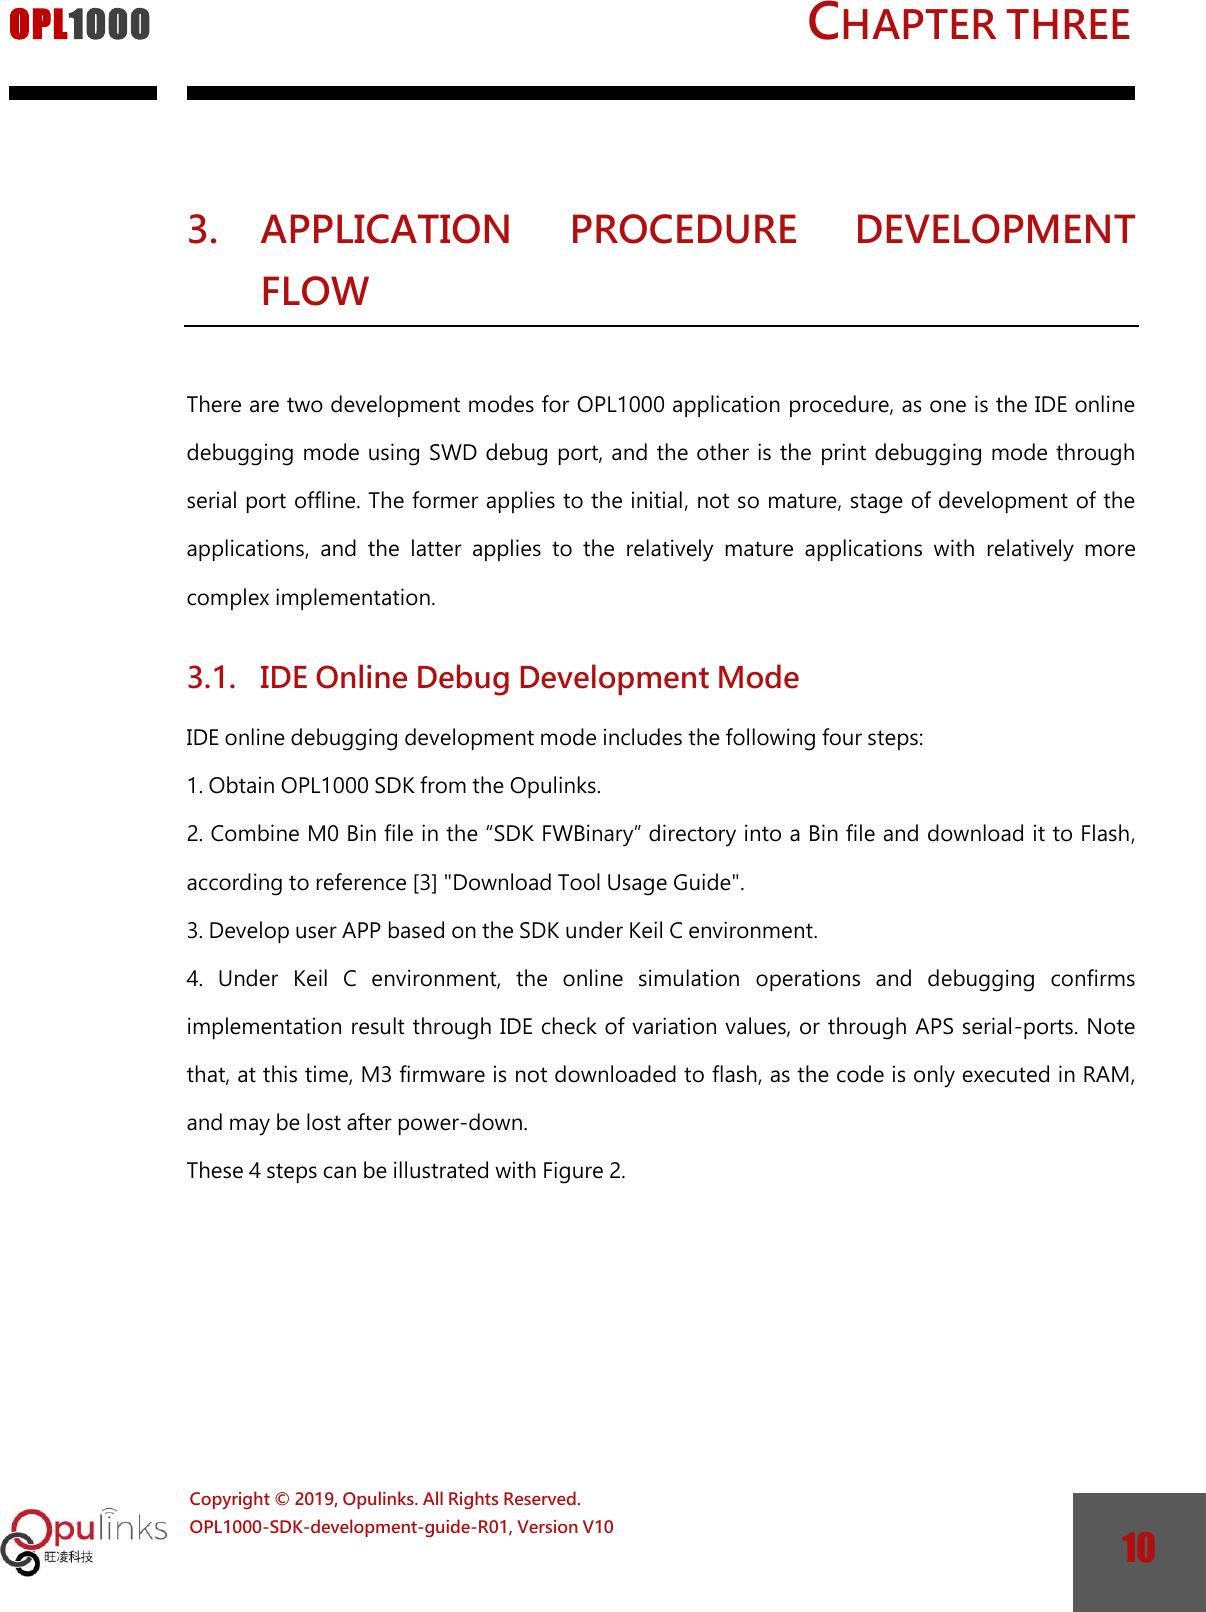 OPL1000 SDK Development guide ENG